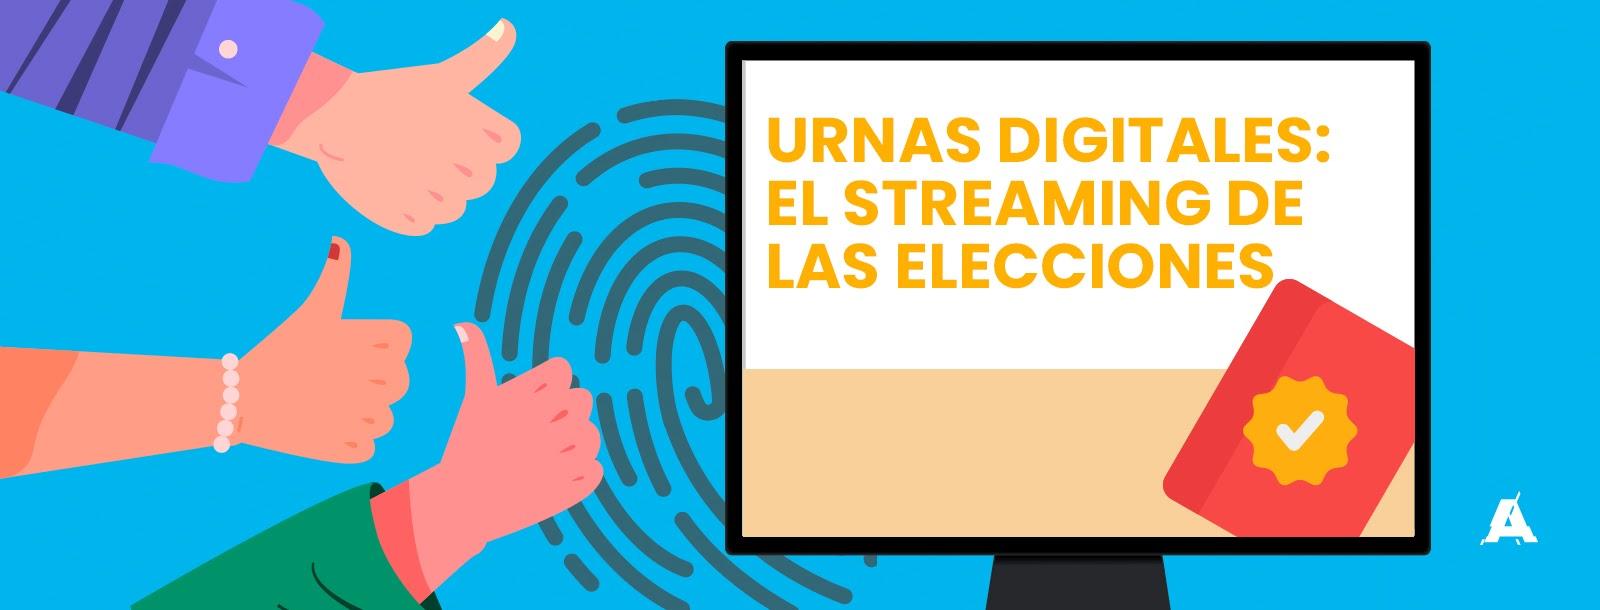 Urnas digitales: el streaming de las elecciones